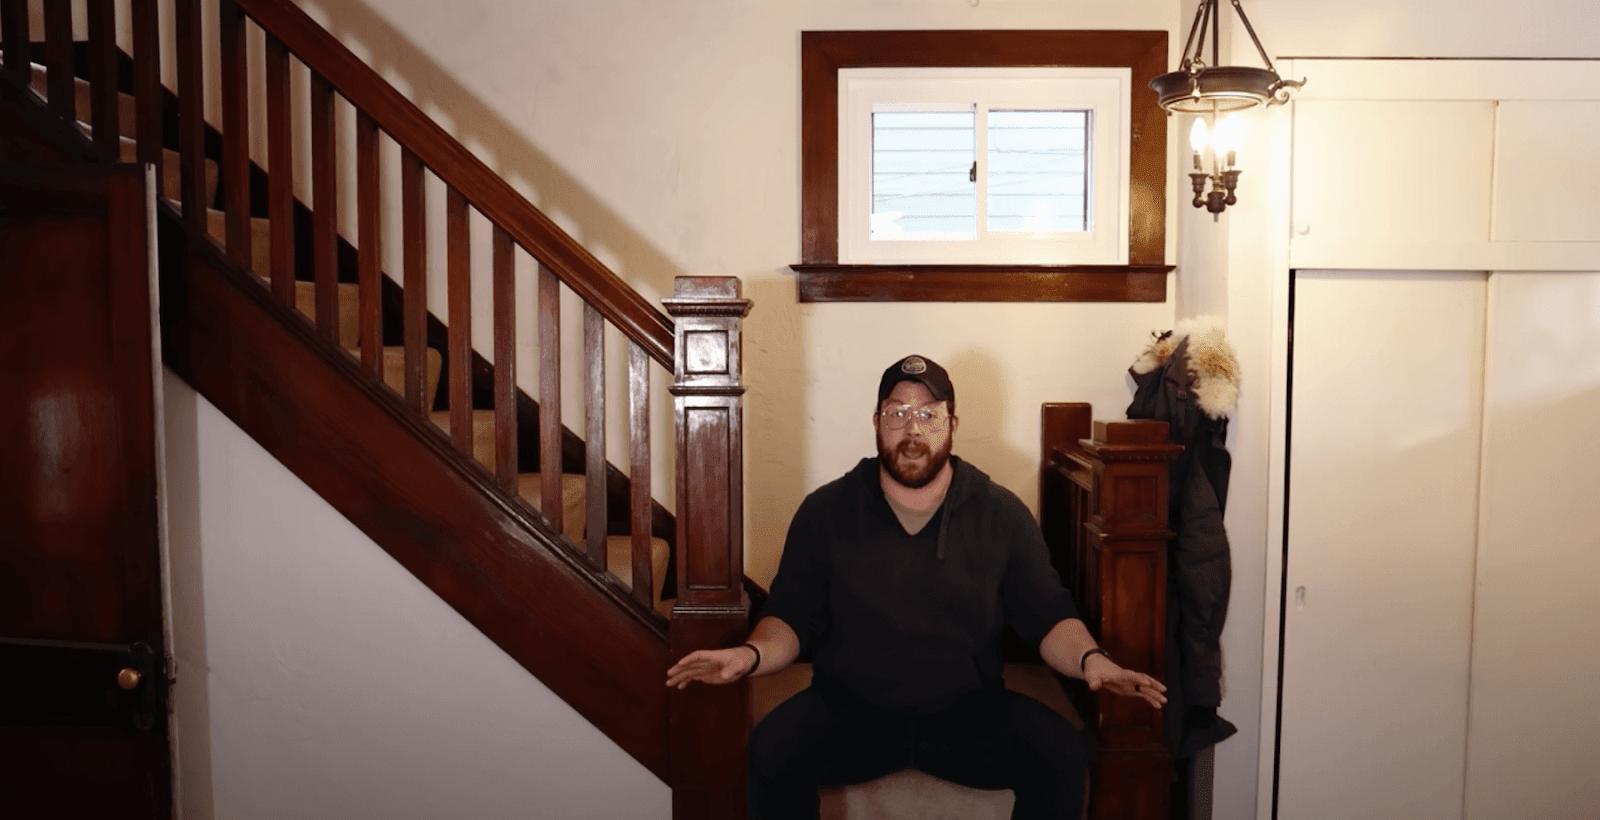 John Malecki sitting on stairs